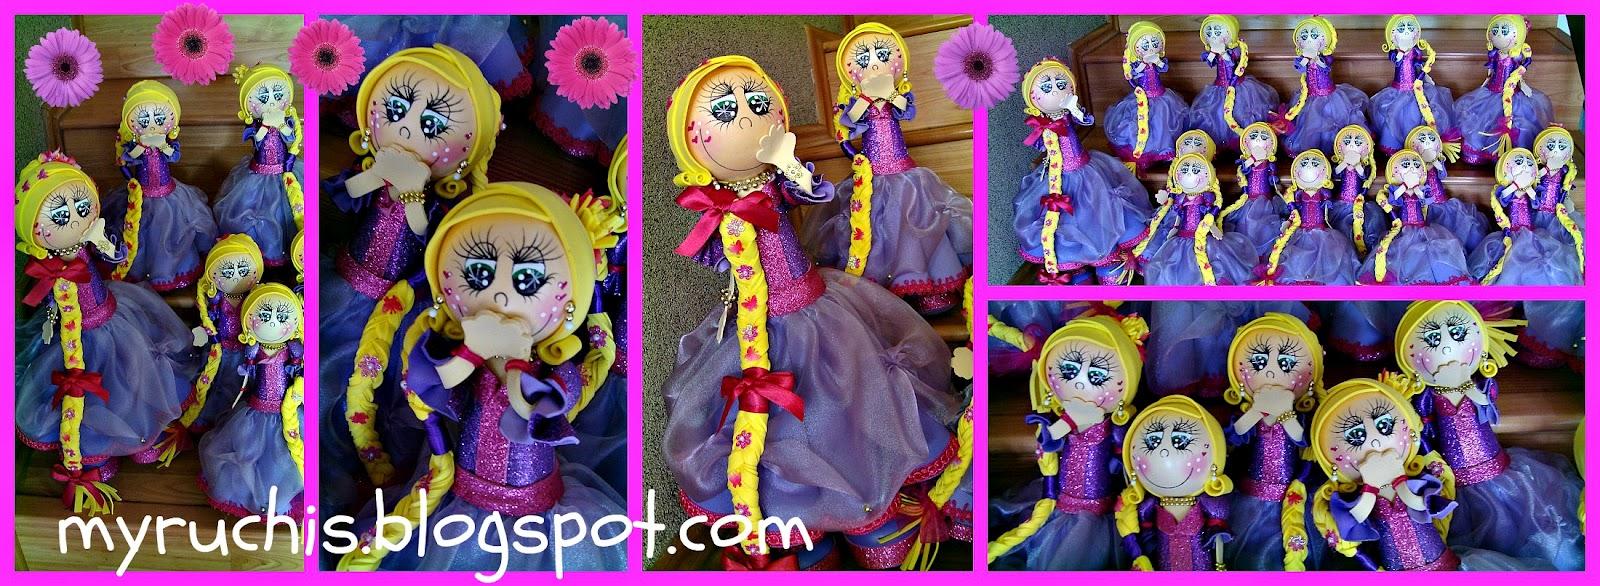 Decoracion Rapunzel Disney ~   nombre de la festejada y con la princess Myruchis, no la de Disney